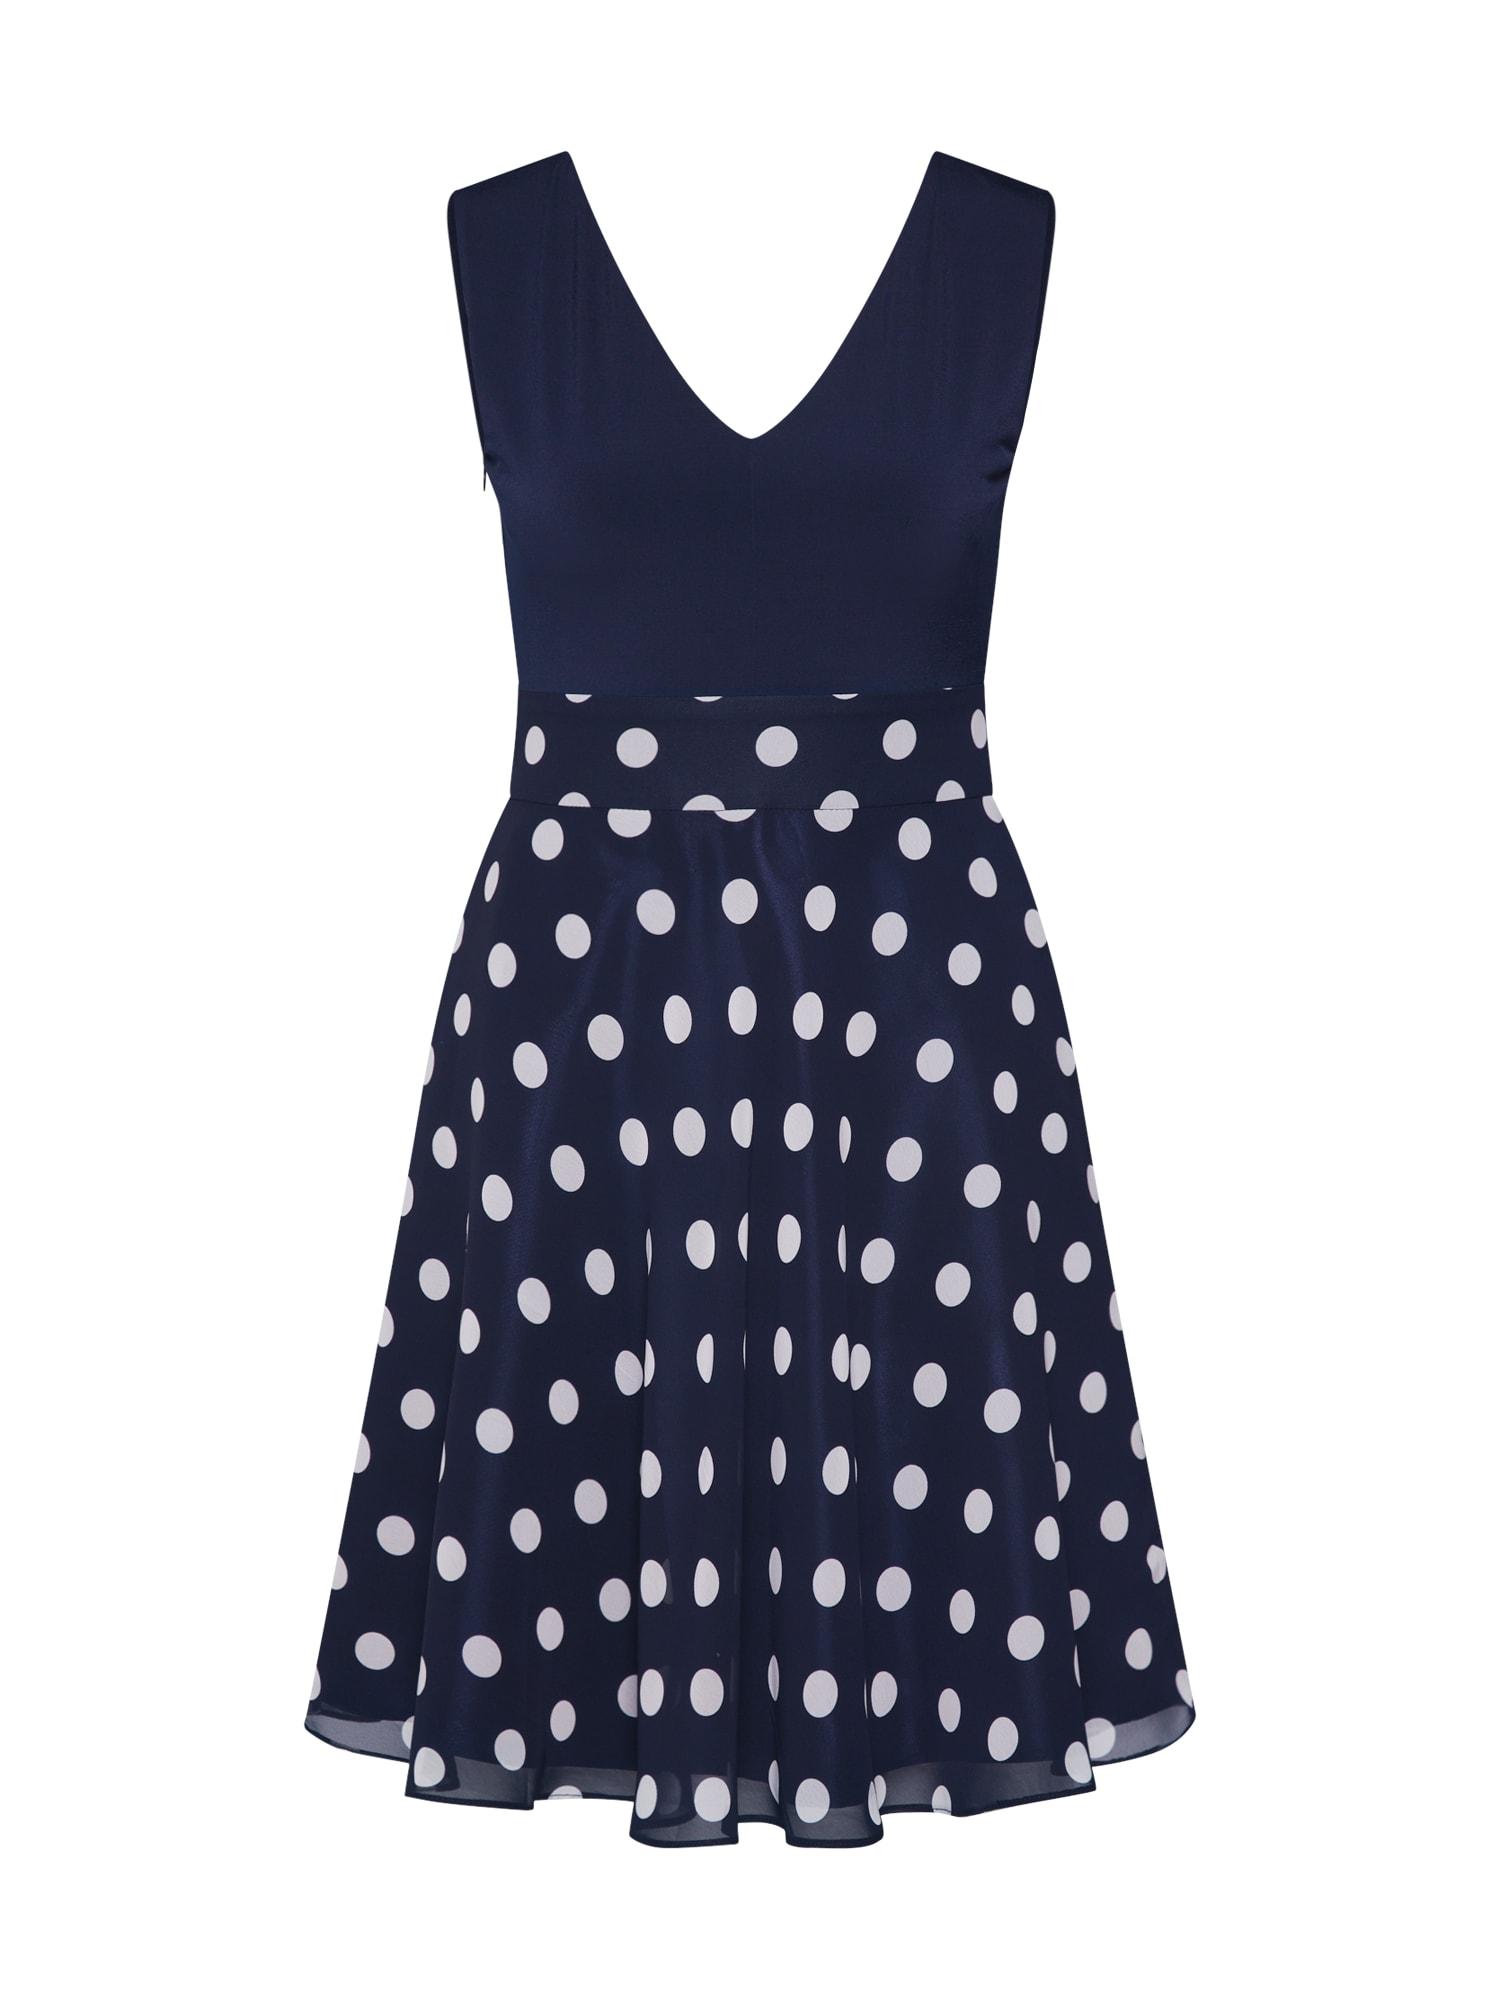 Letní šaty tmavě modrá bílá SWING